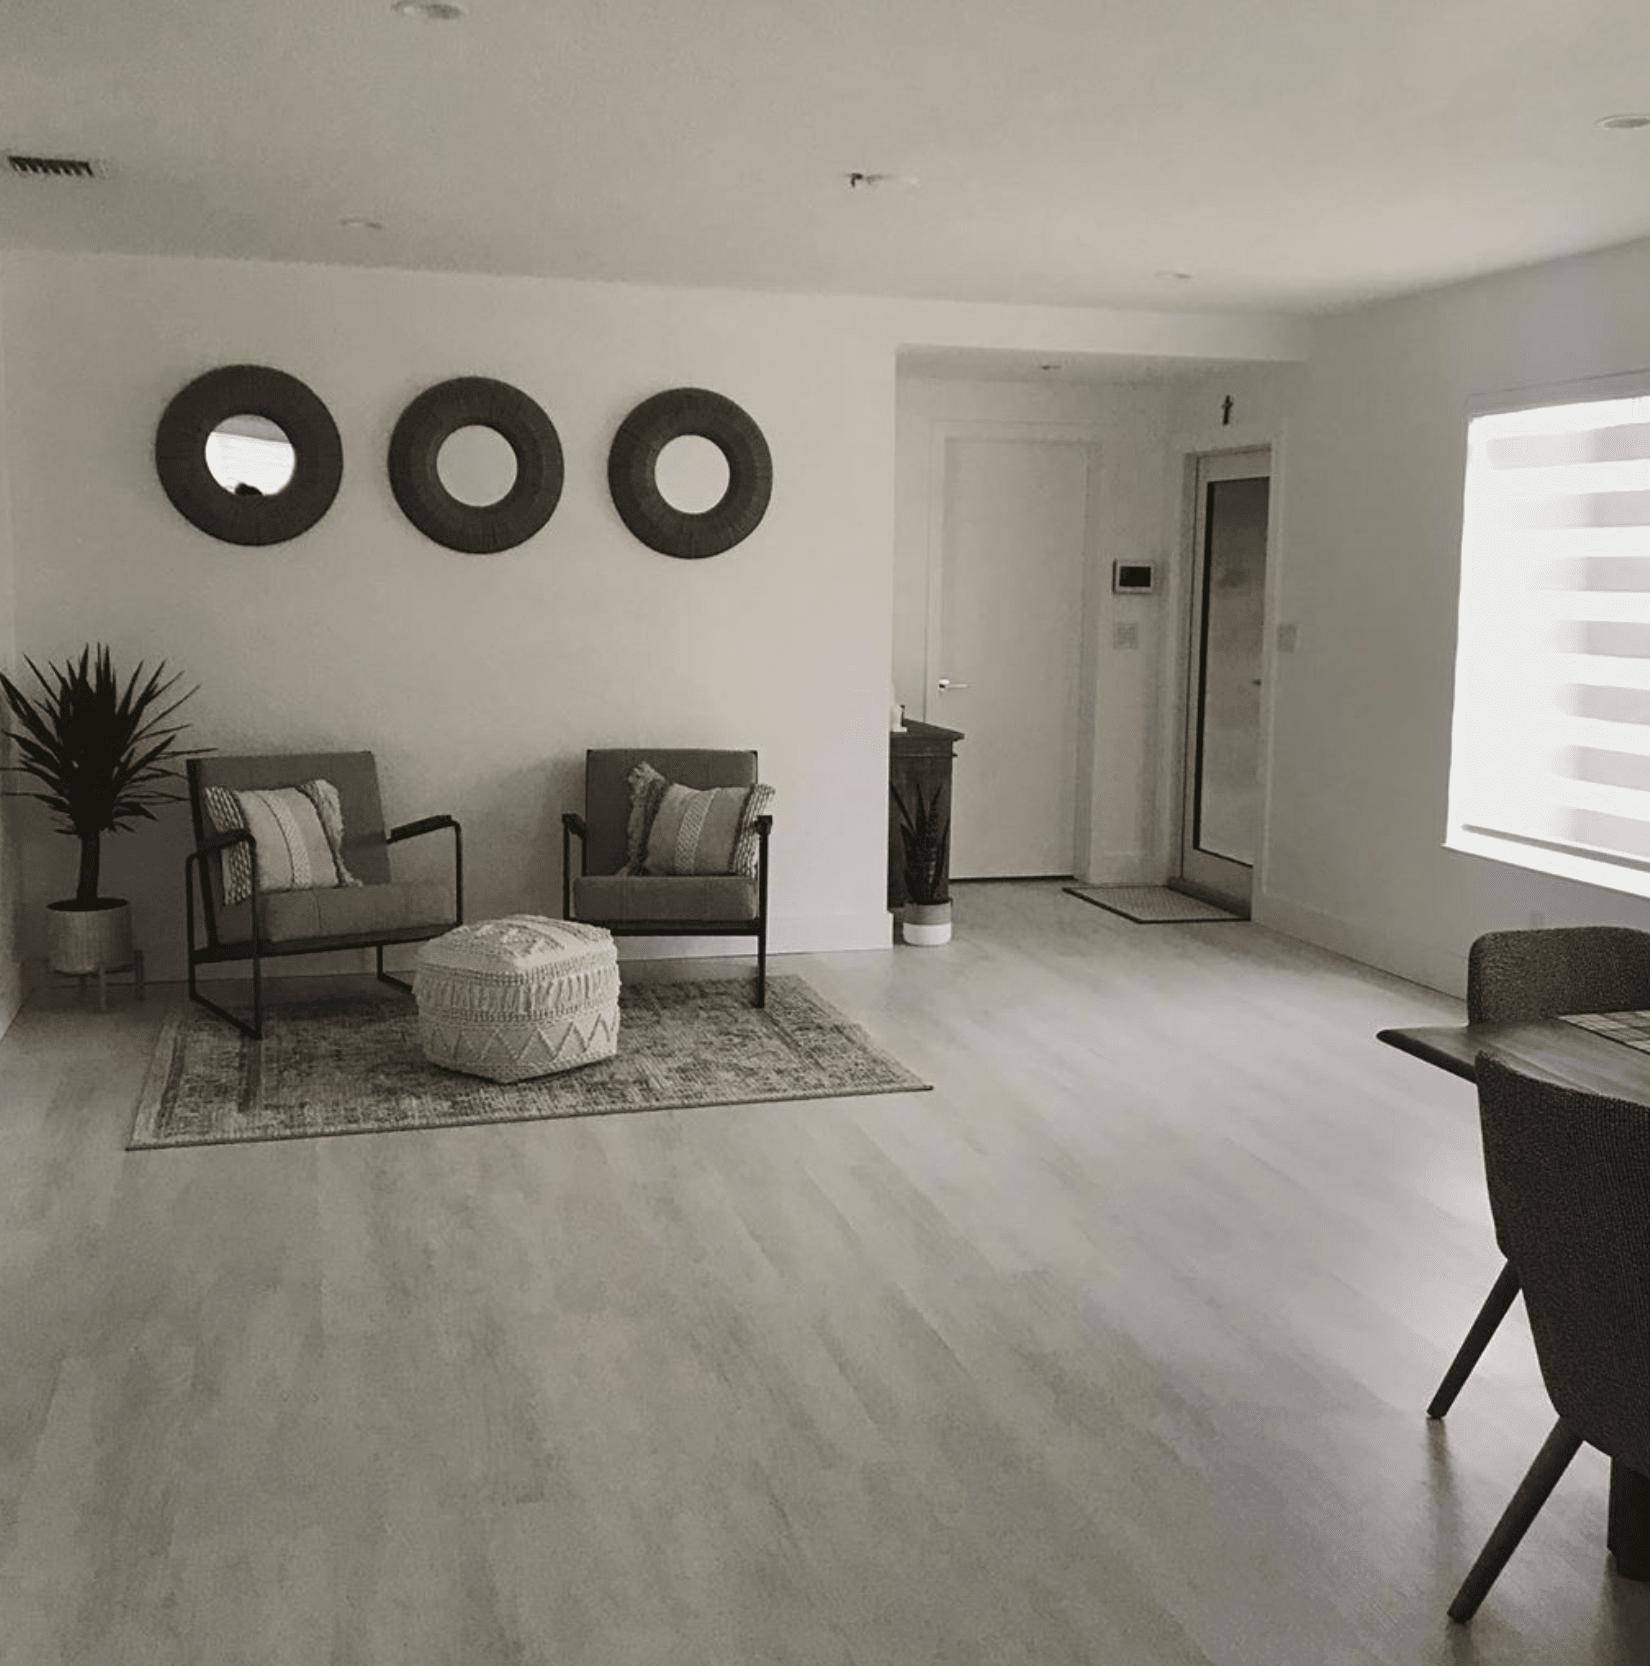 Luxury vinyl flooring in Weston, FL from Global Wood Floors